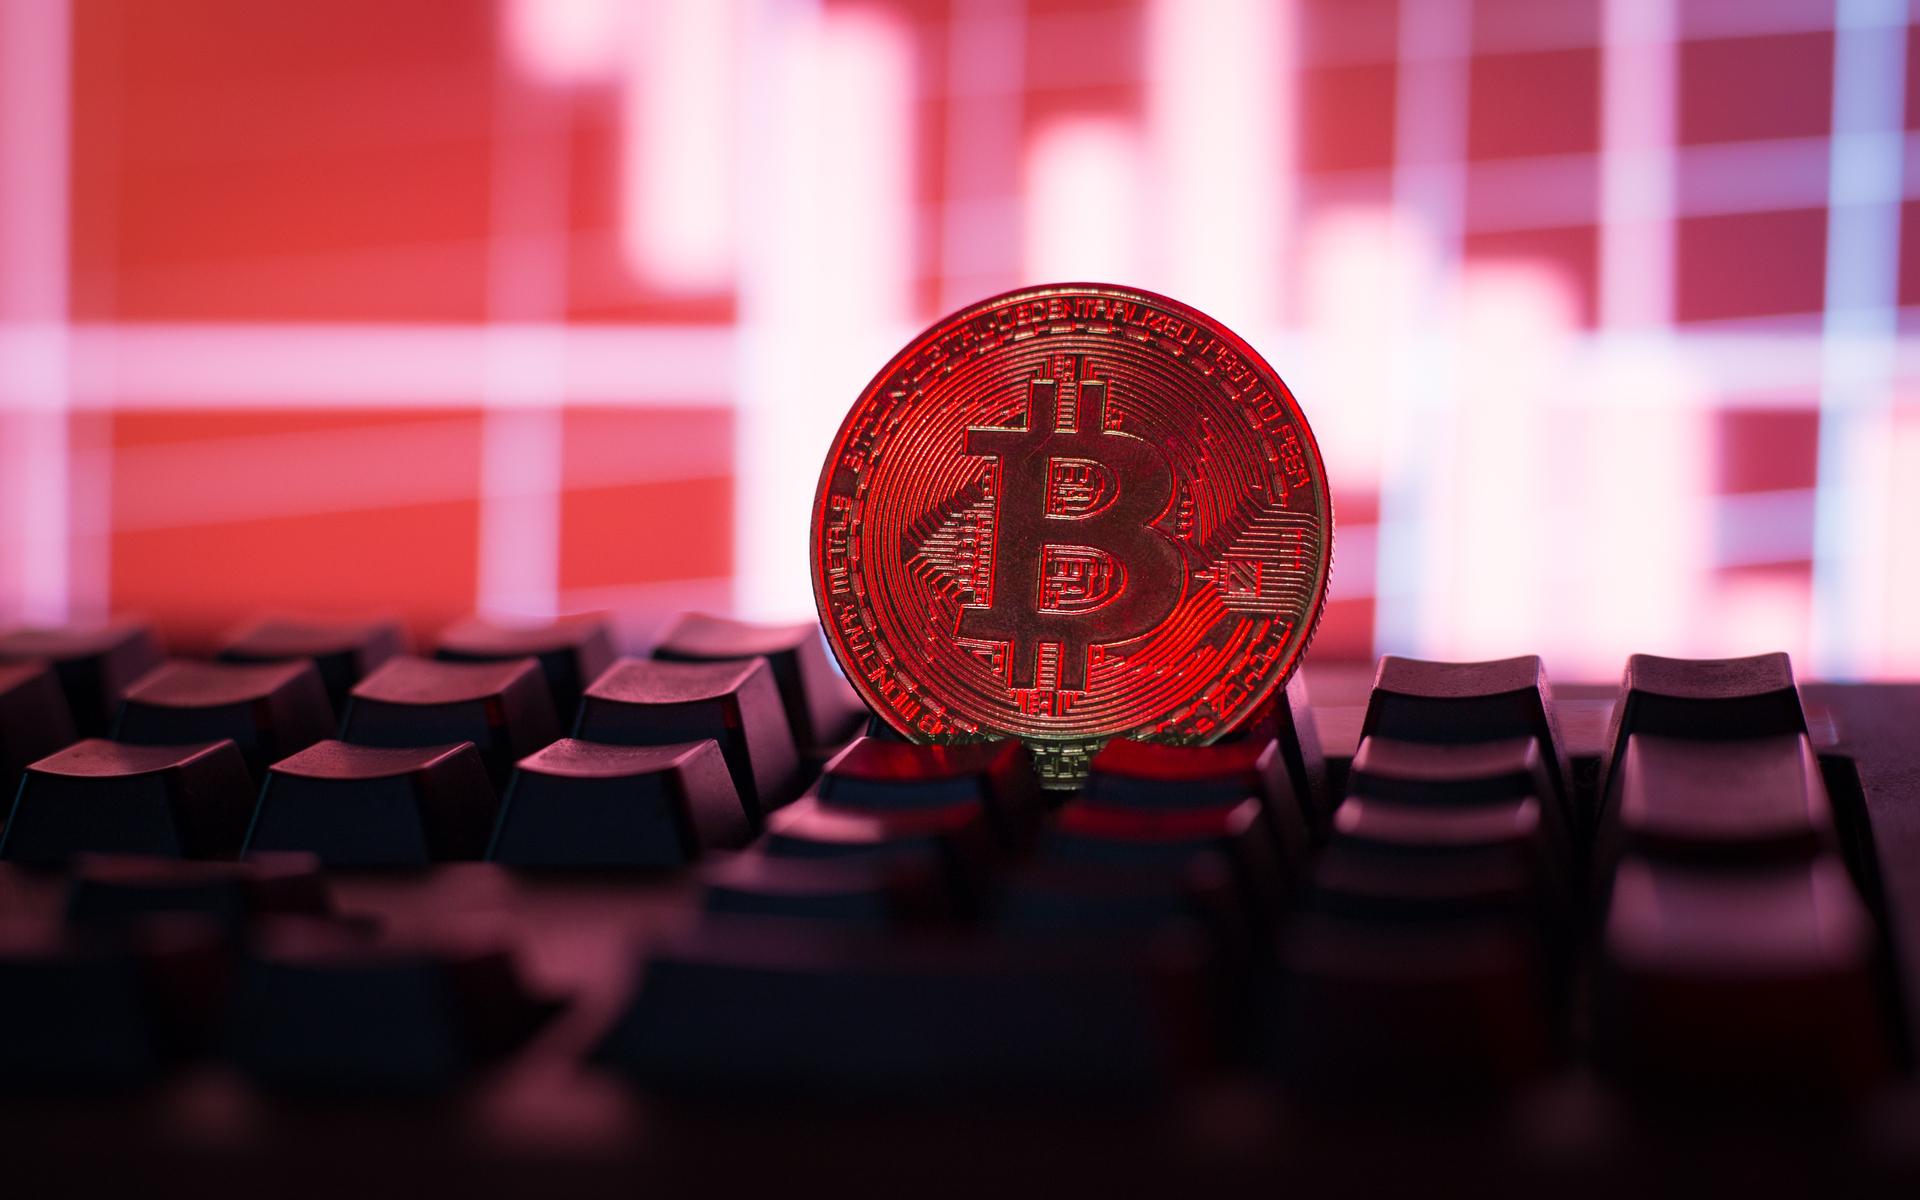 Bitcoin price BTC red